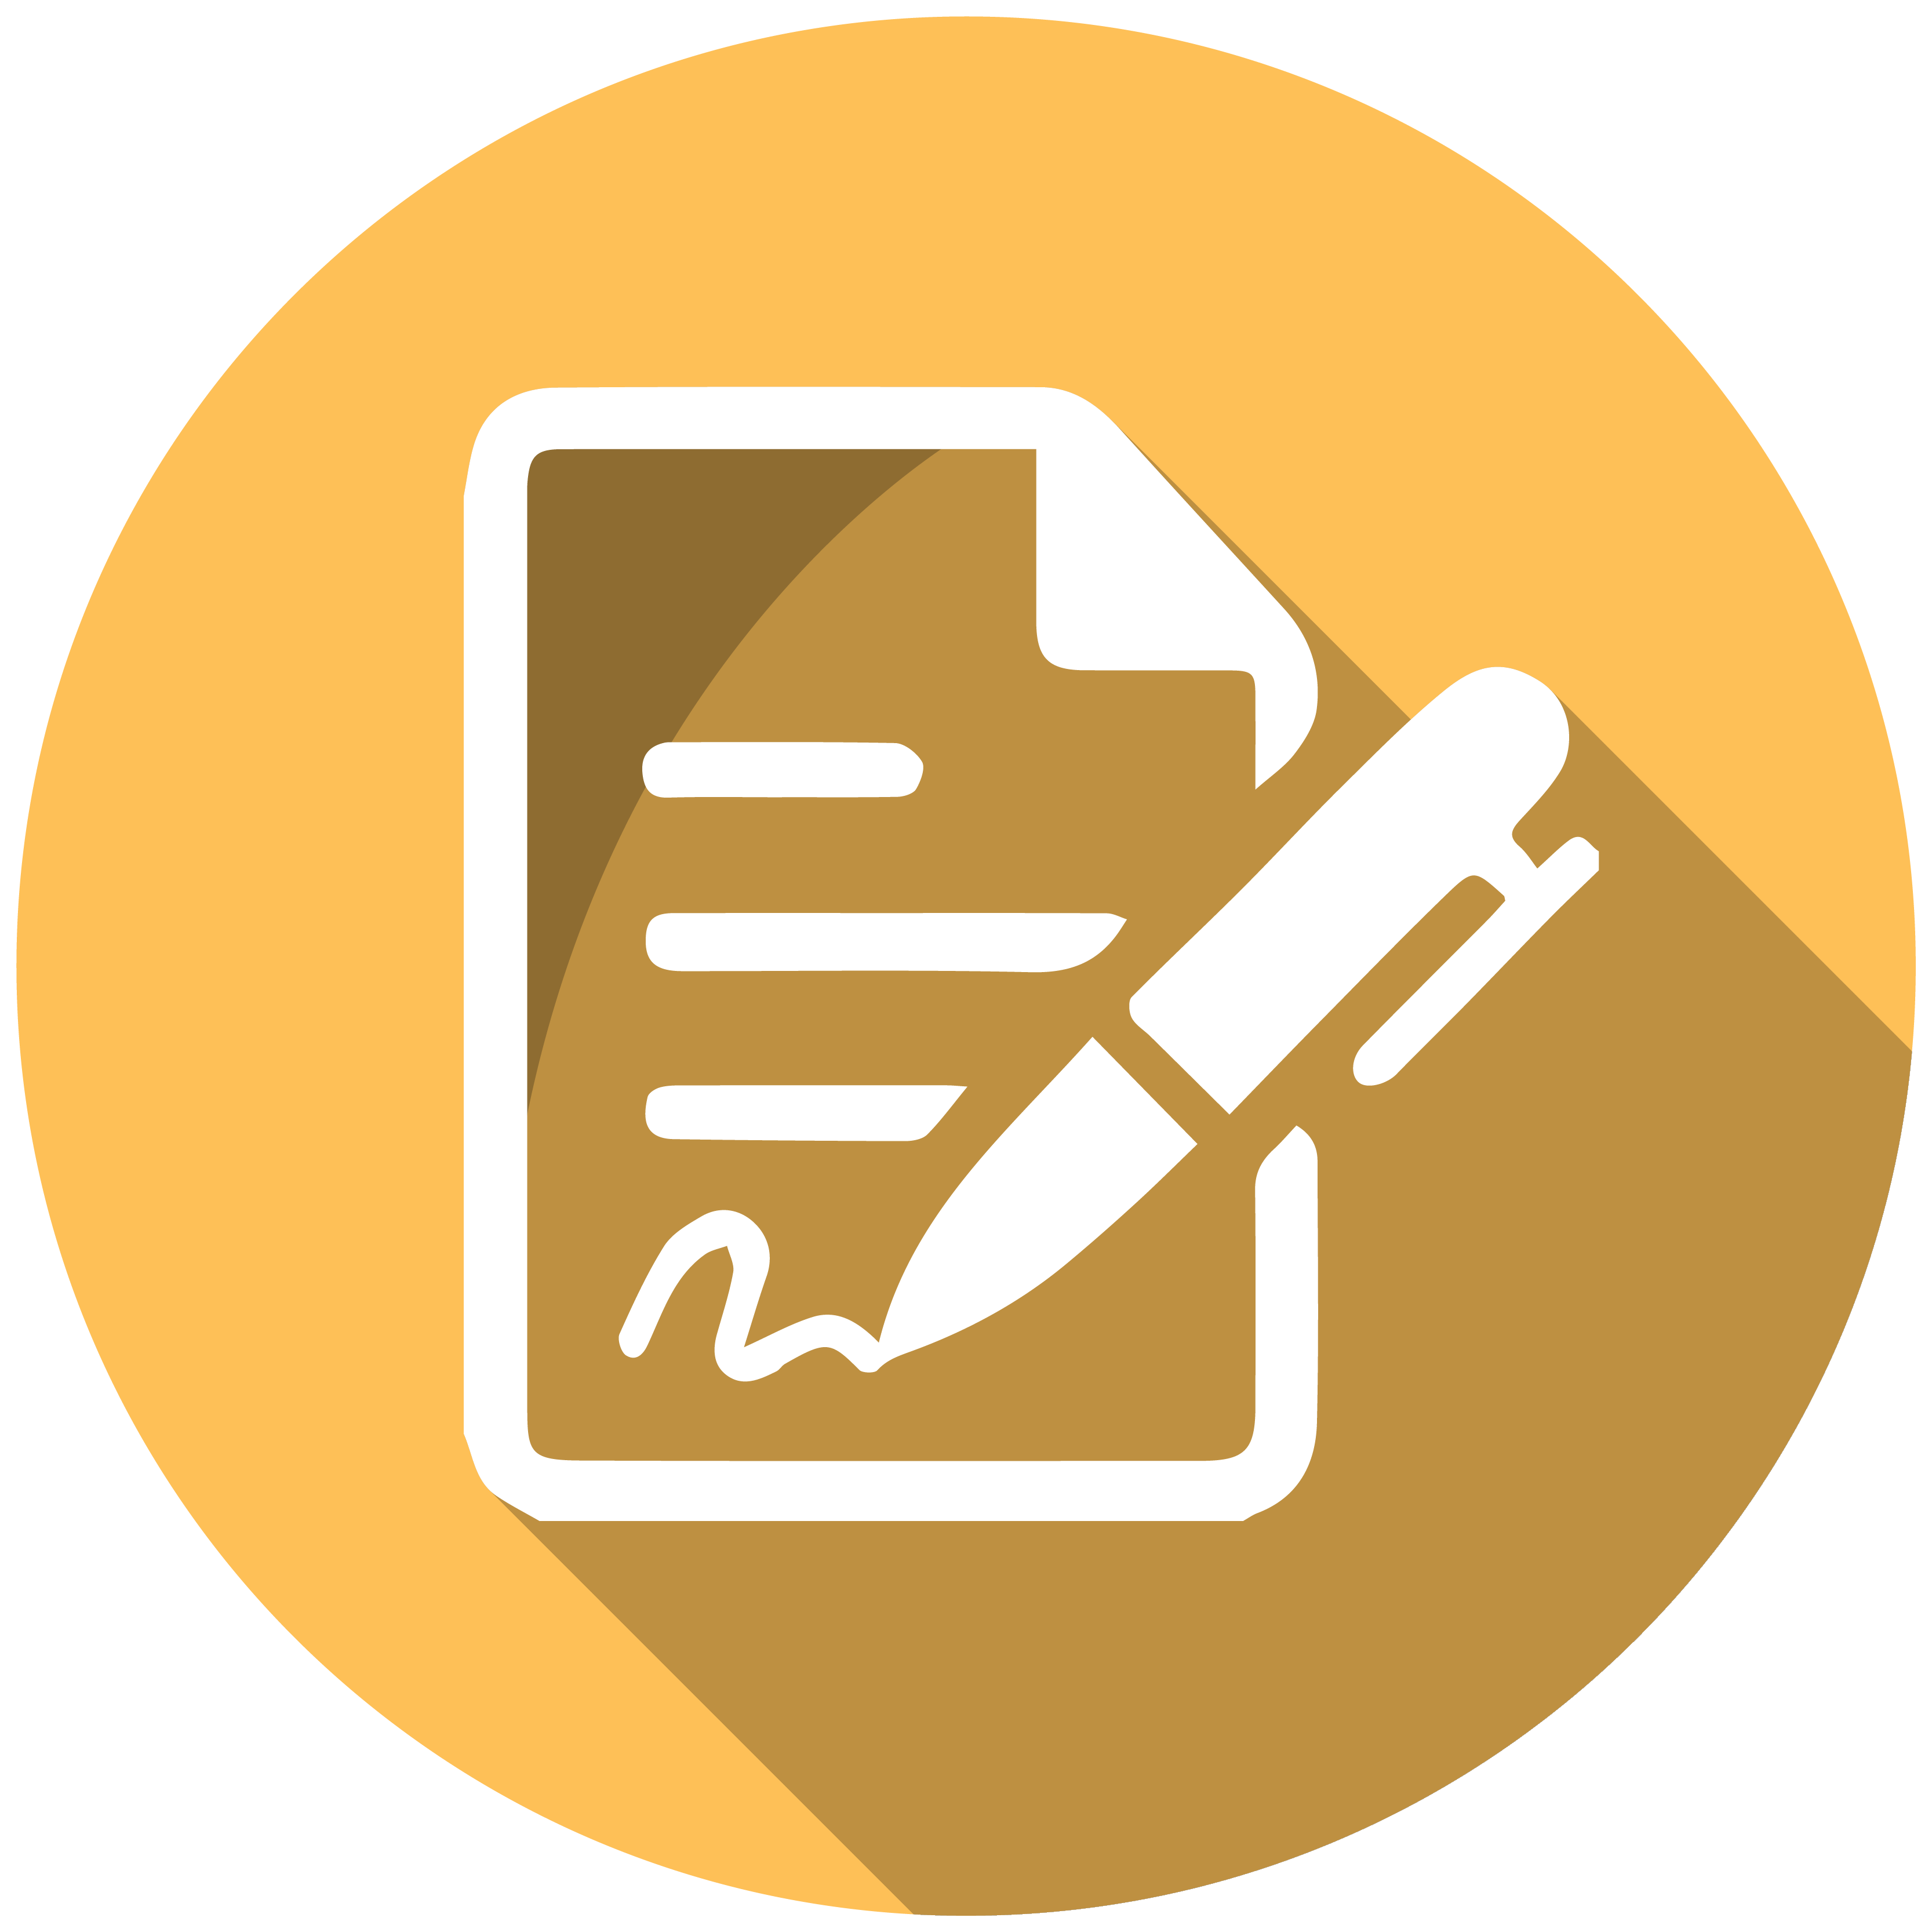 دانلود فایل کامل کارگاه آموزشی با موضوع آب های فرامرزی، مفاهیم و اصول بنیادین